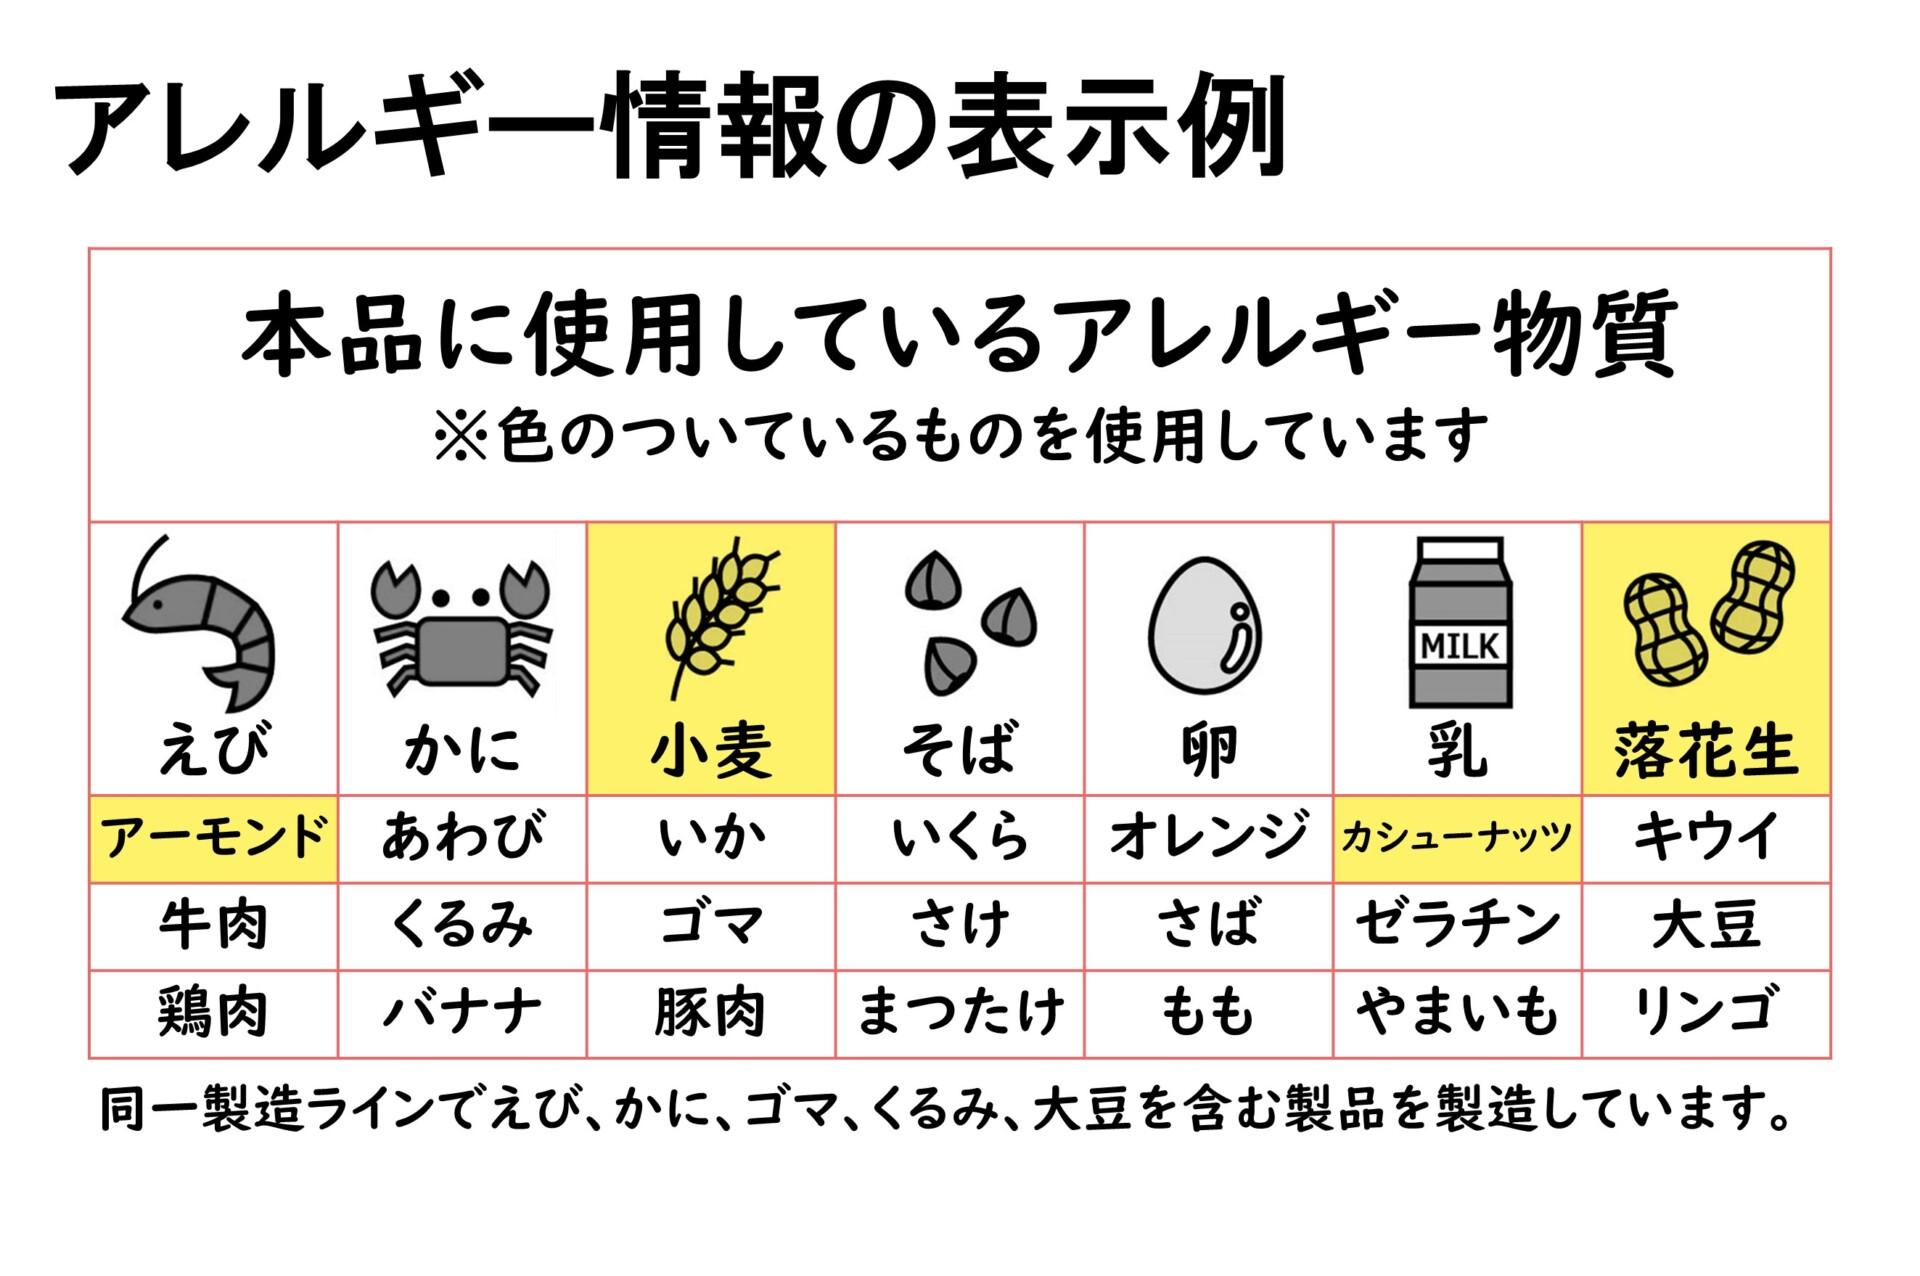 アレルギー表示の印字例